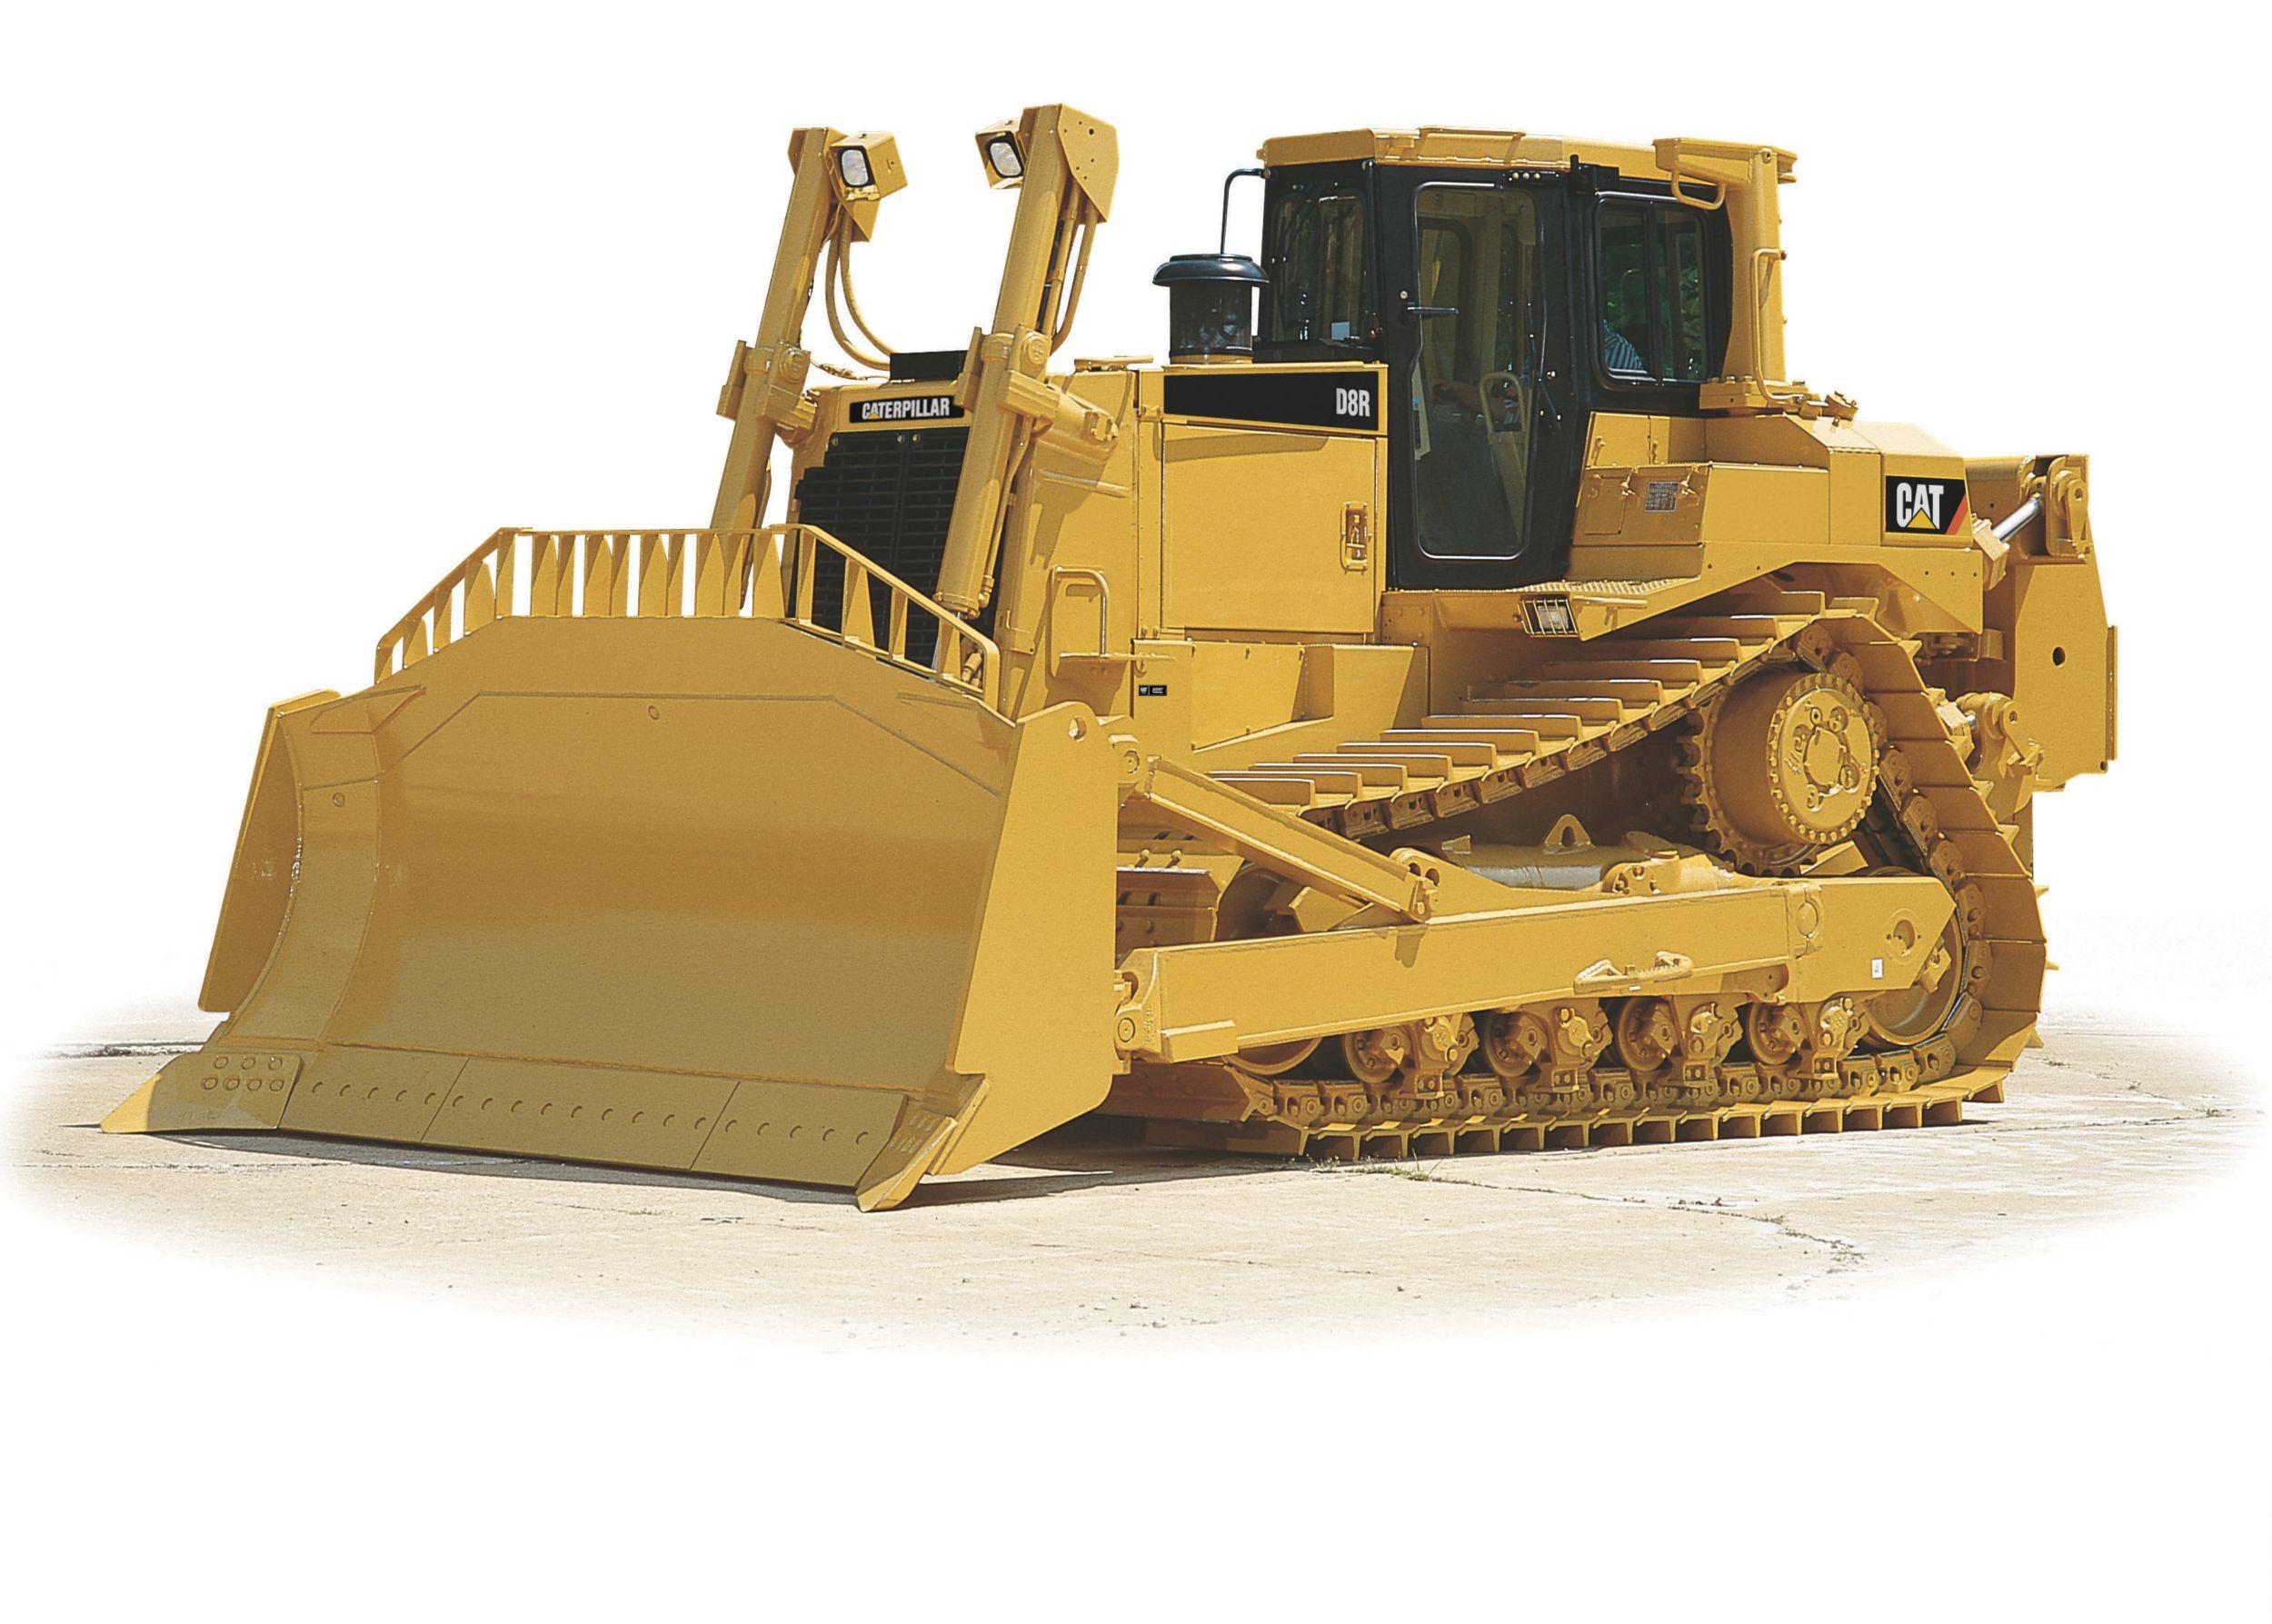 Cat D8R Dozer